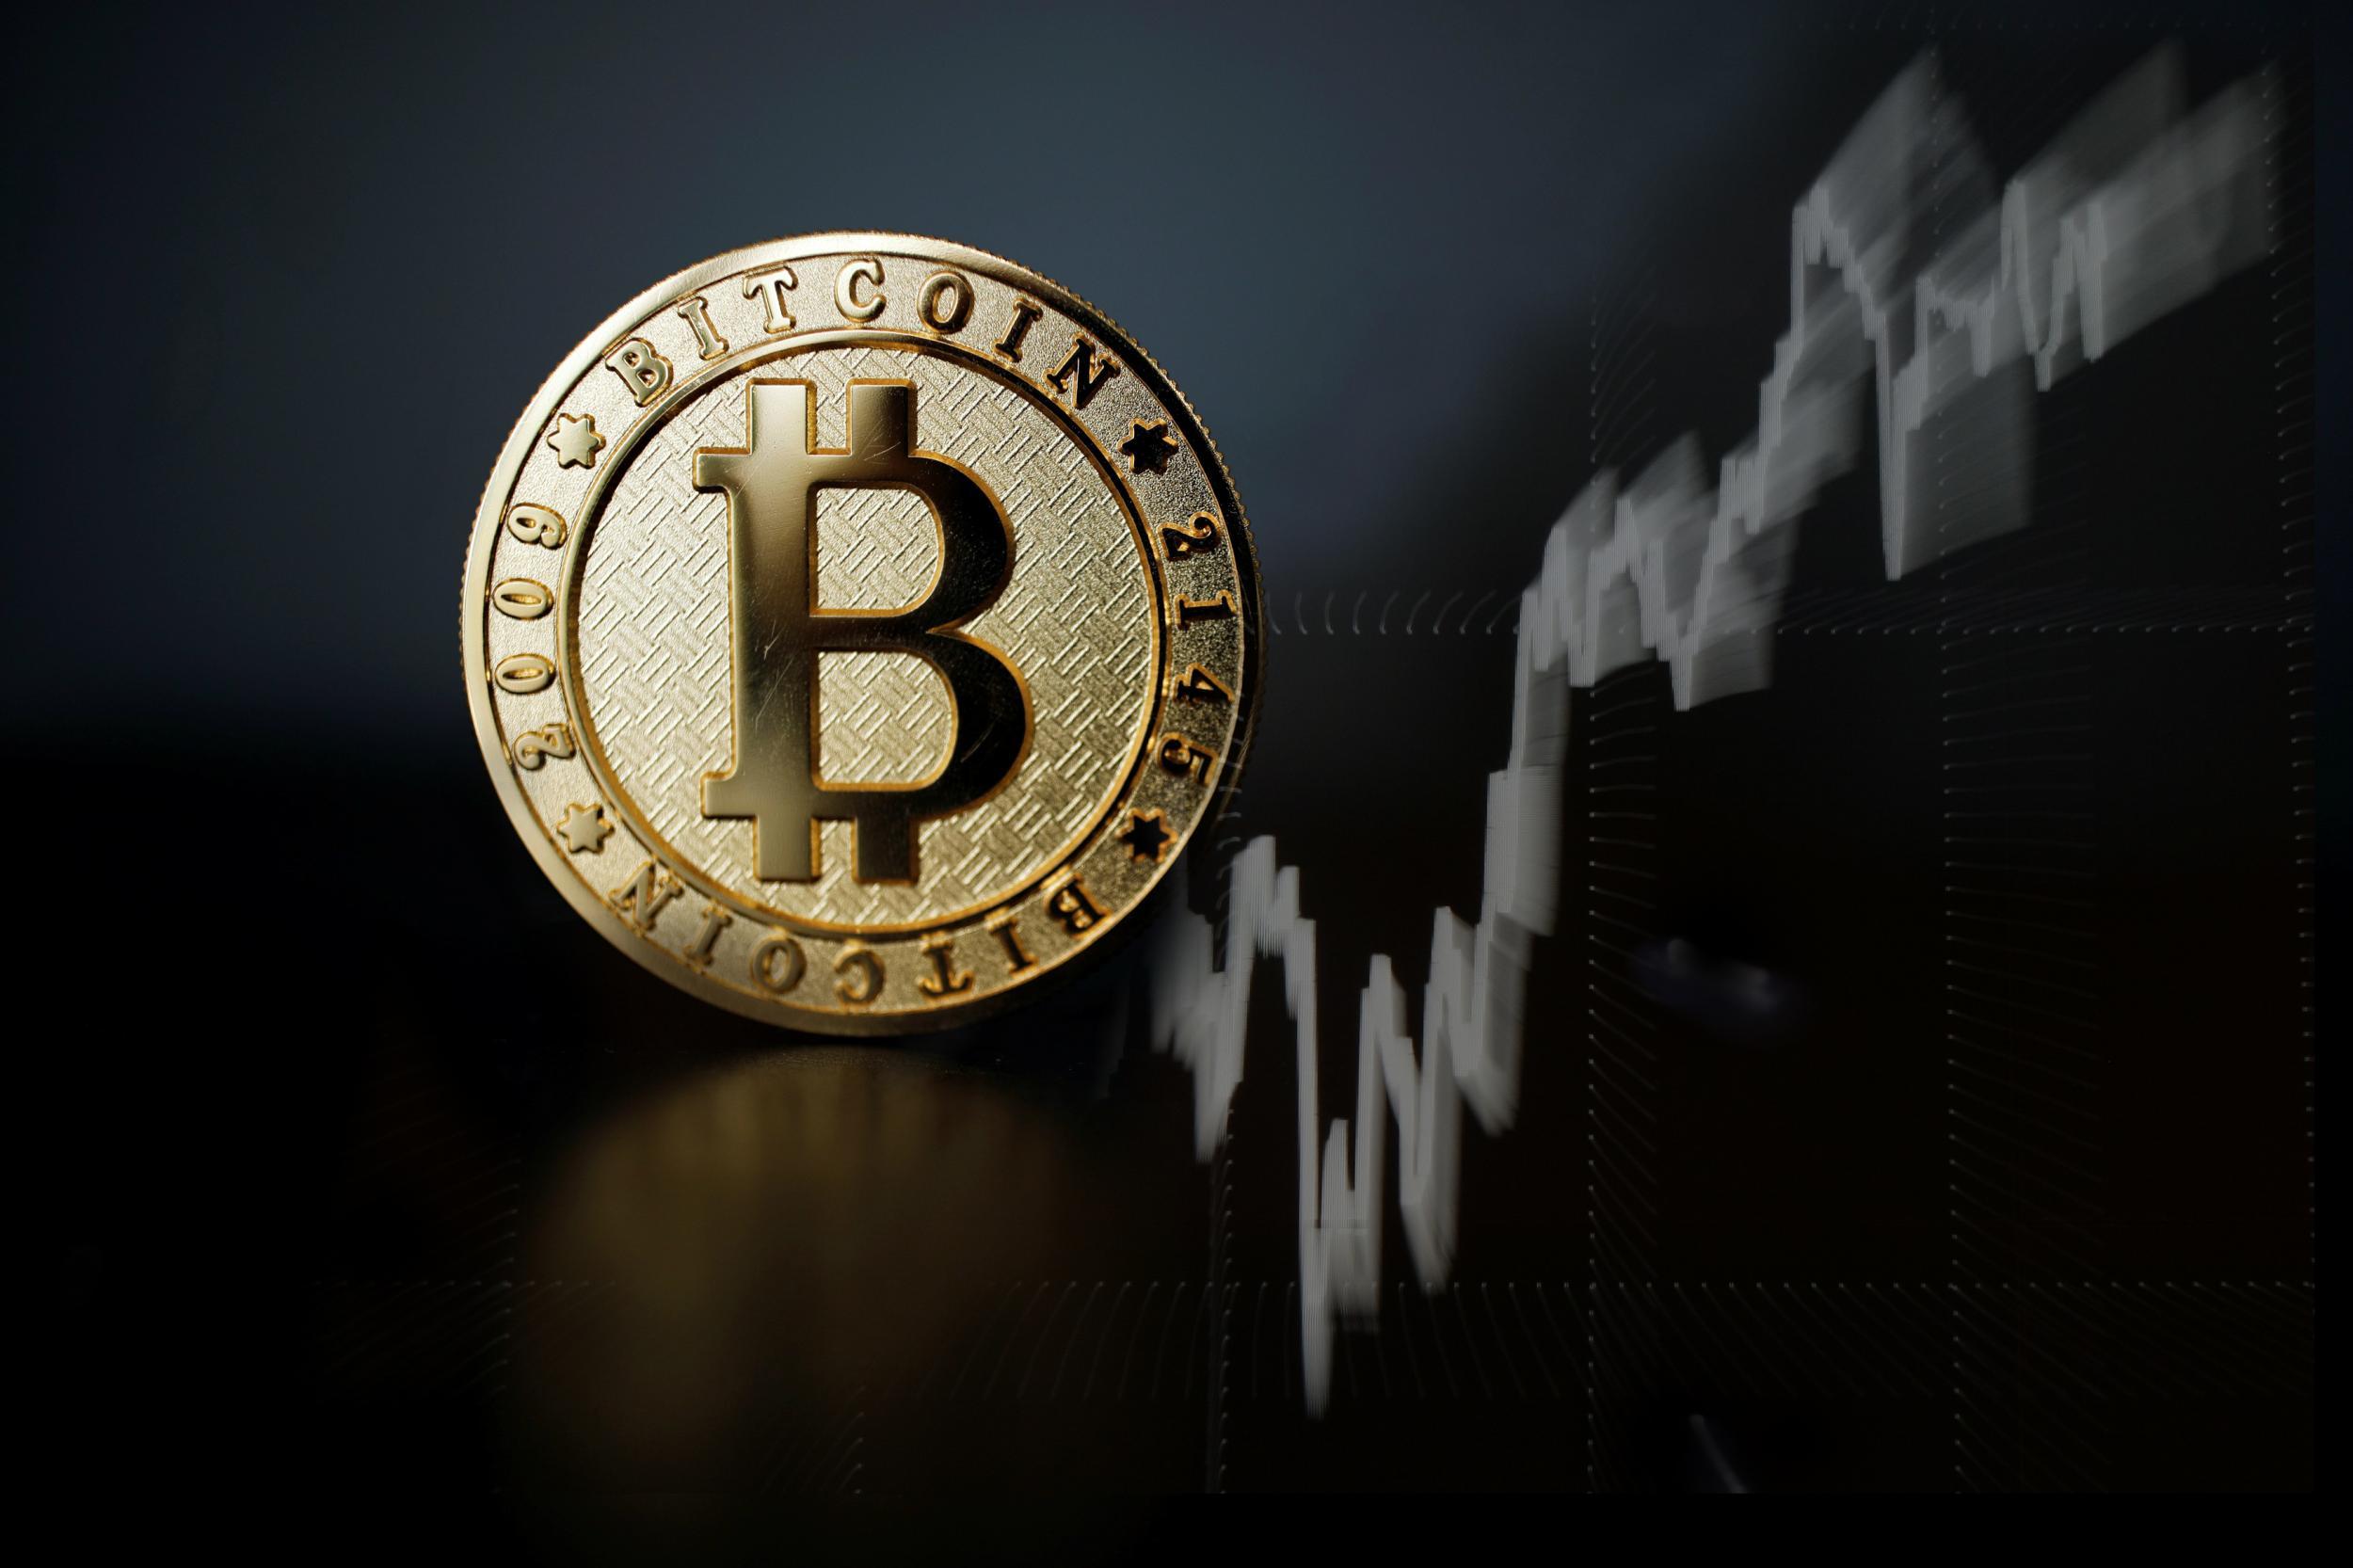 Popüler Analist Bitcoin'nin BTC Bir Sonraki Hamlesi İçin Bu Altcoin'in İzlenmesi Gerektiğini Söyledi